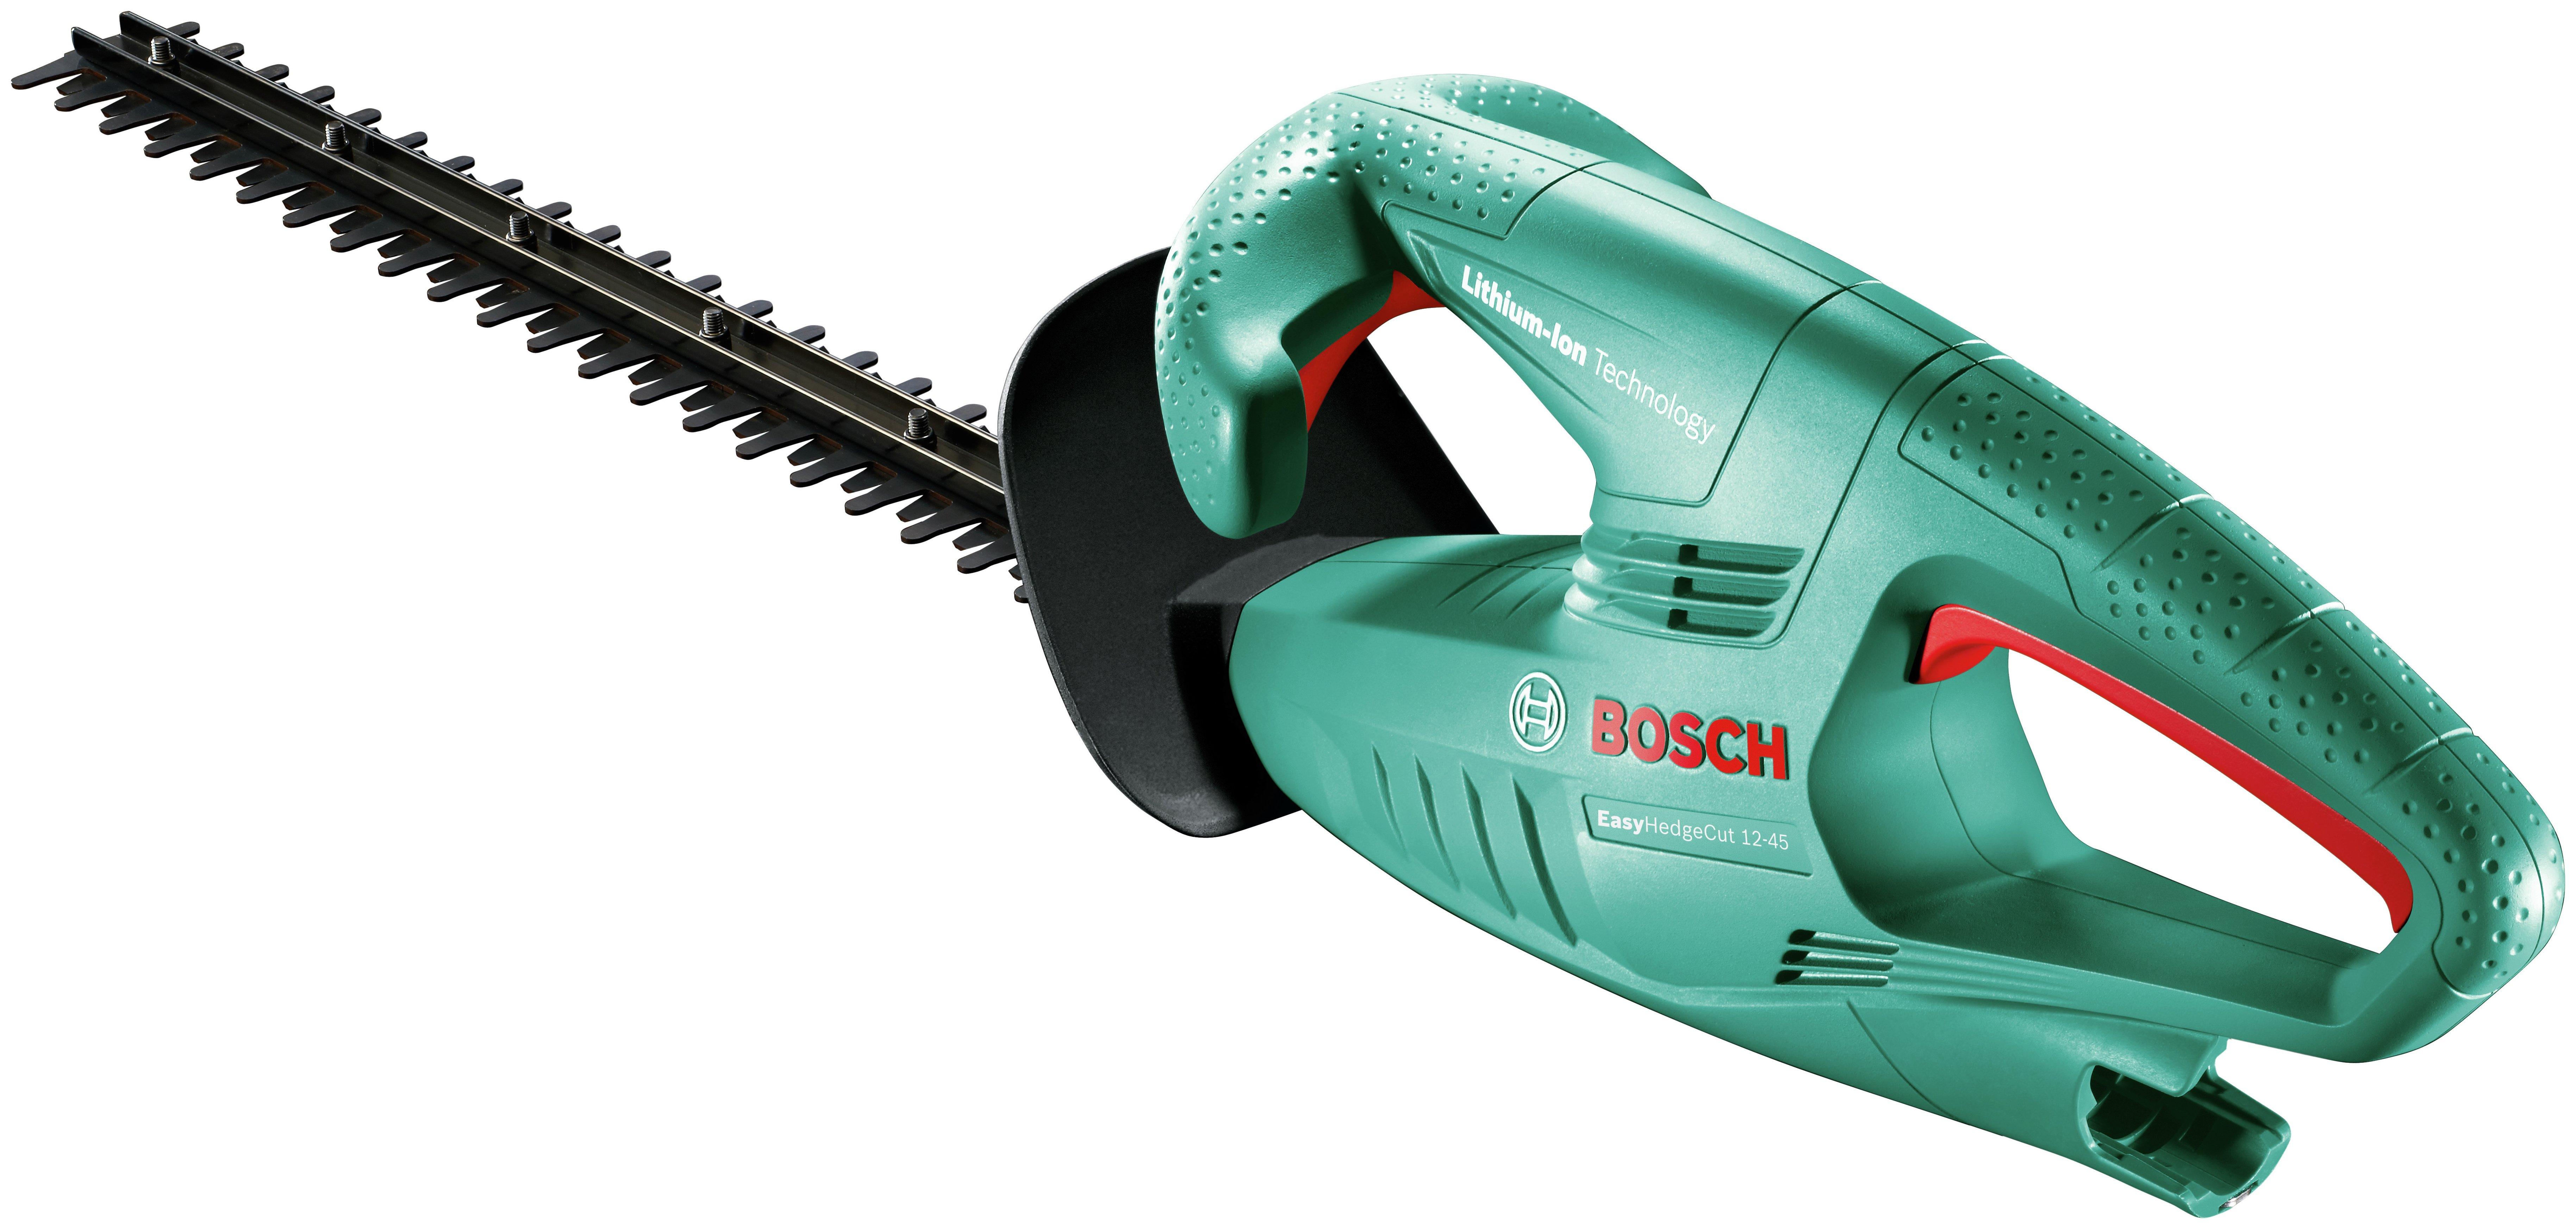 bosch easyhedgecut 12 350 cordless hedge trimmer 12v. Black Bedroom Furniture Sets. Home Design Ideas